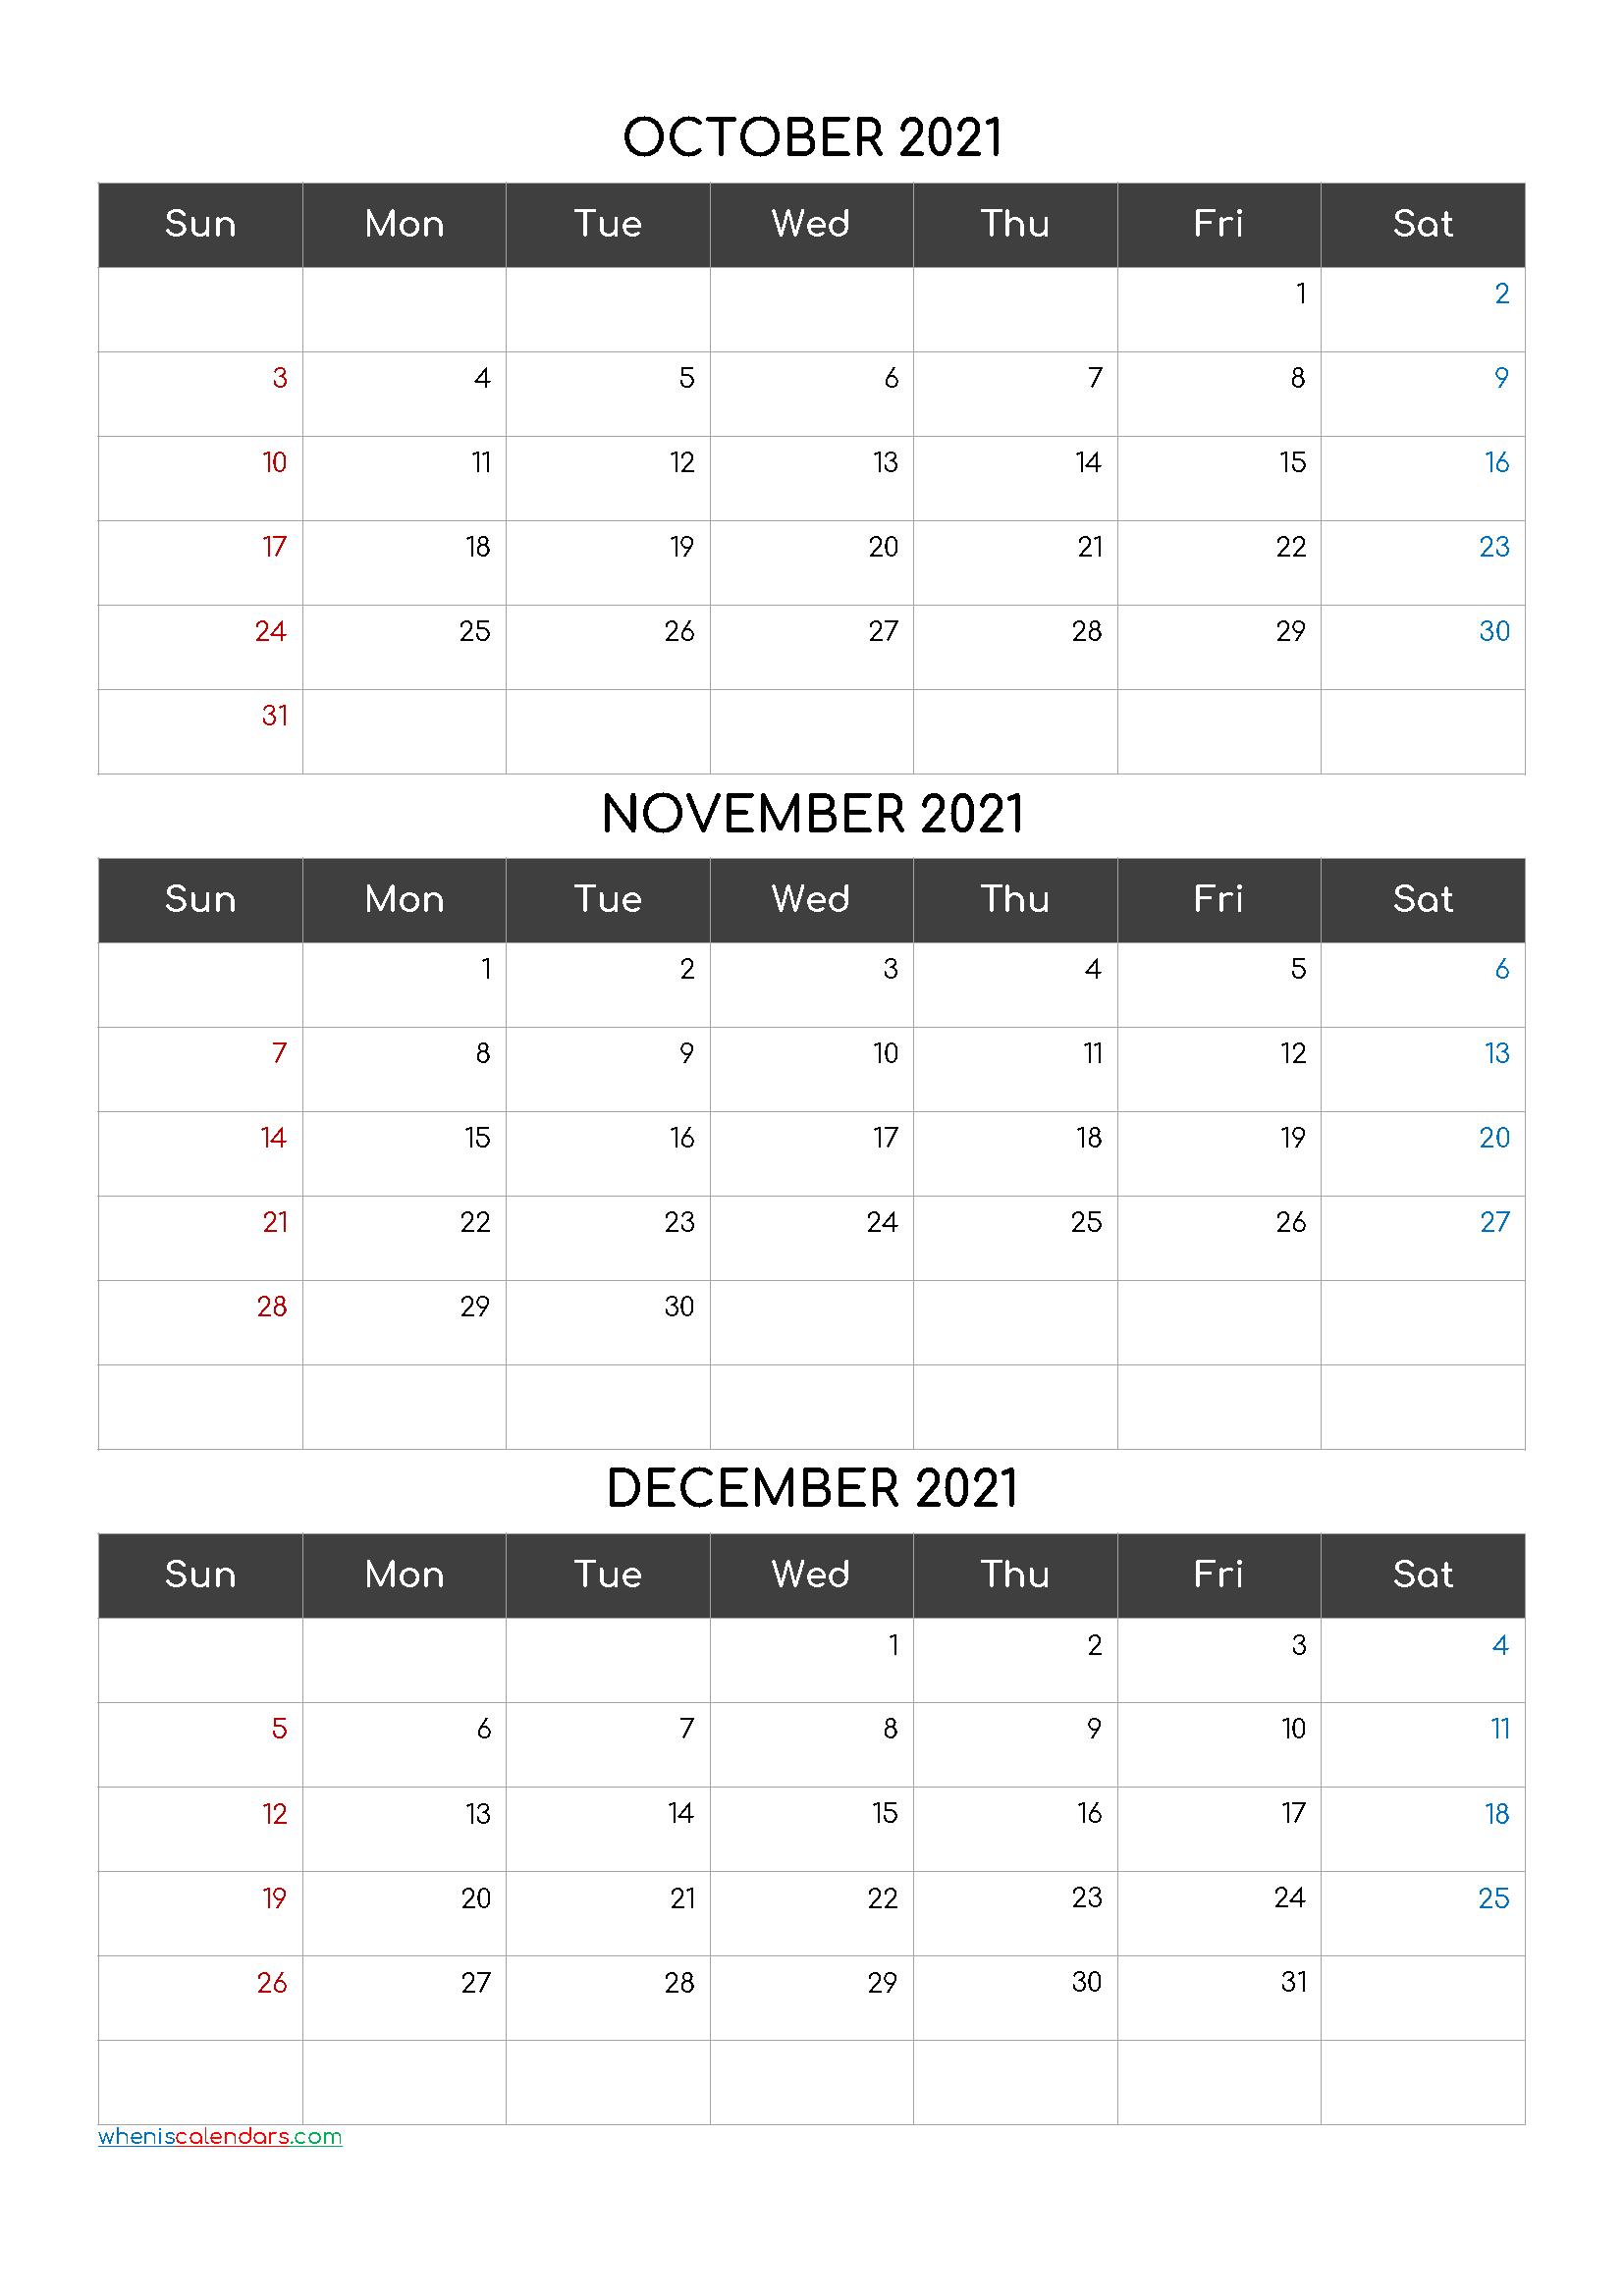 Free Calendar October November December 2021